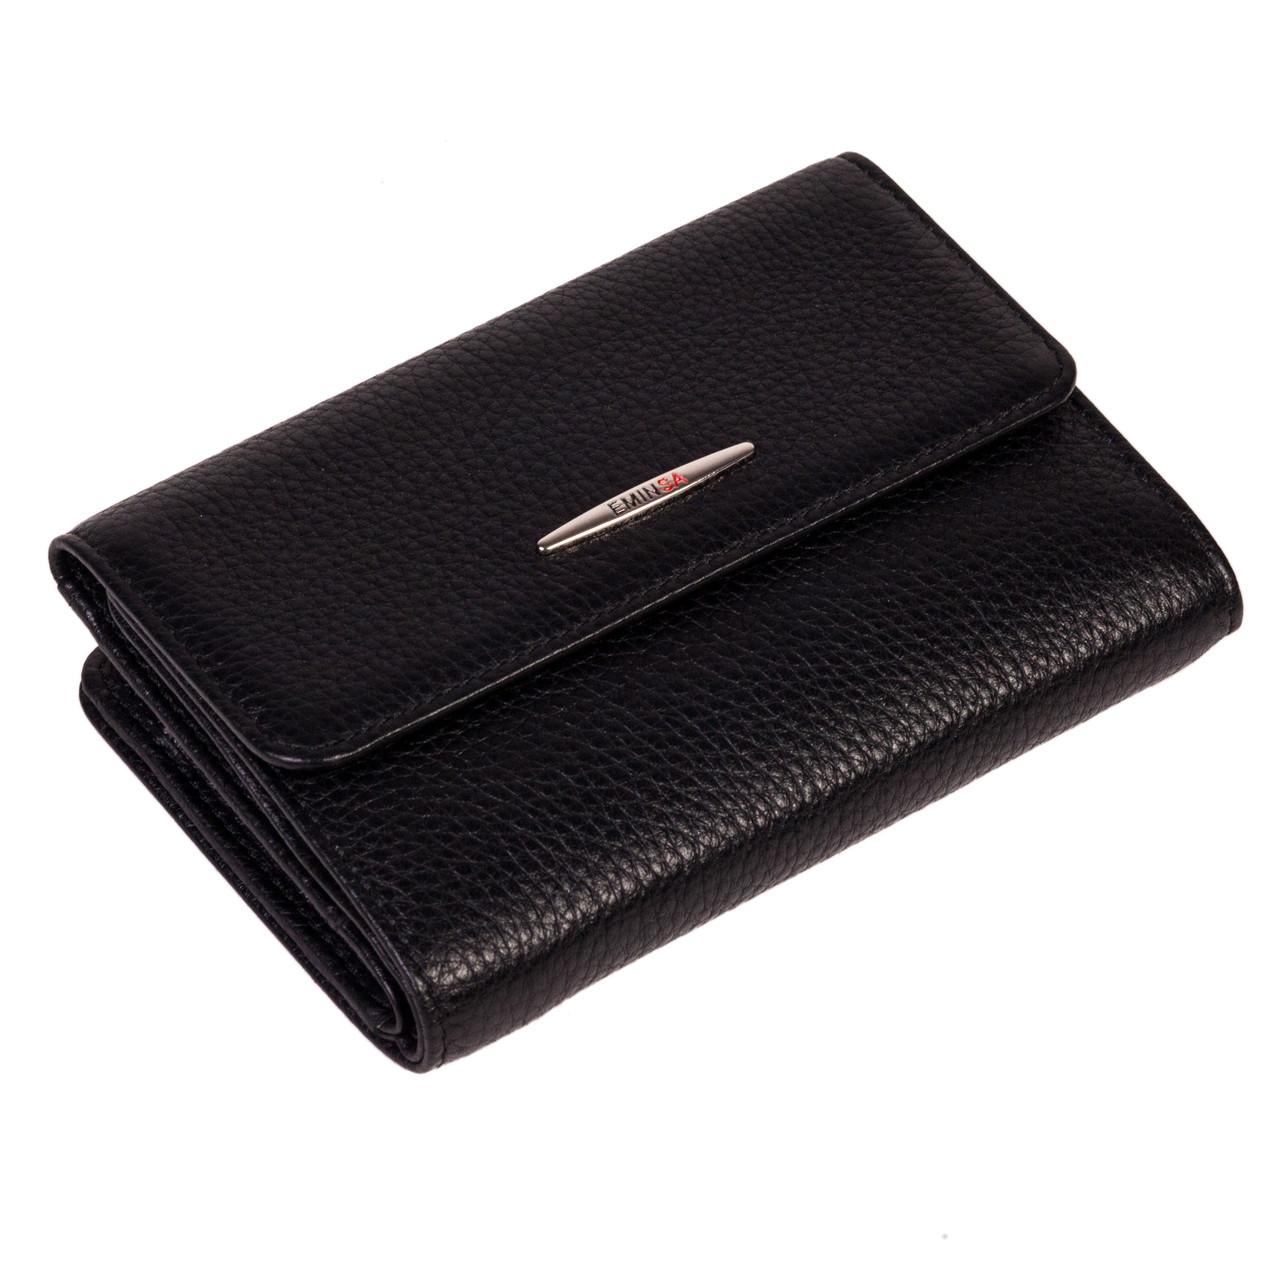 Женский кошелек Eminsa 2147-18-1 кожаный черный